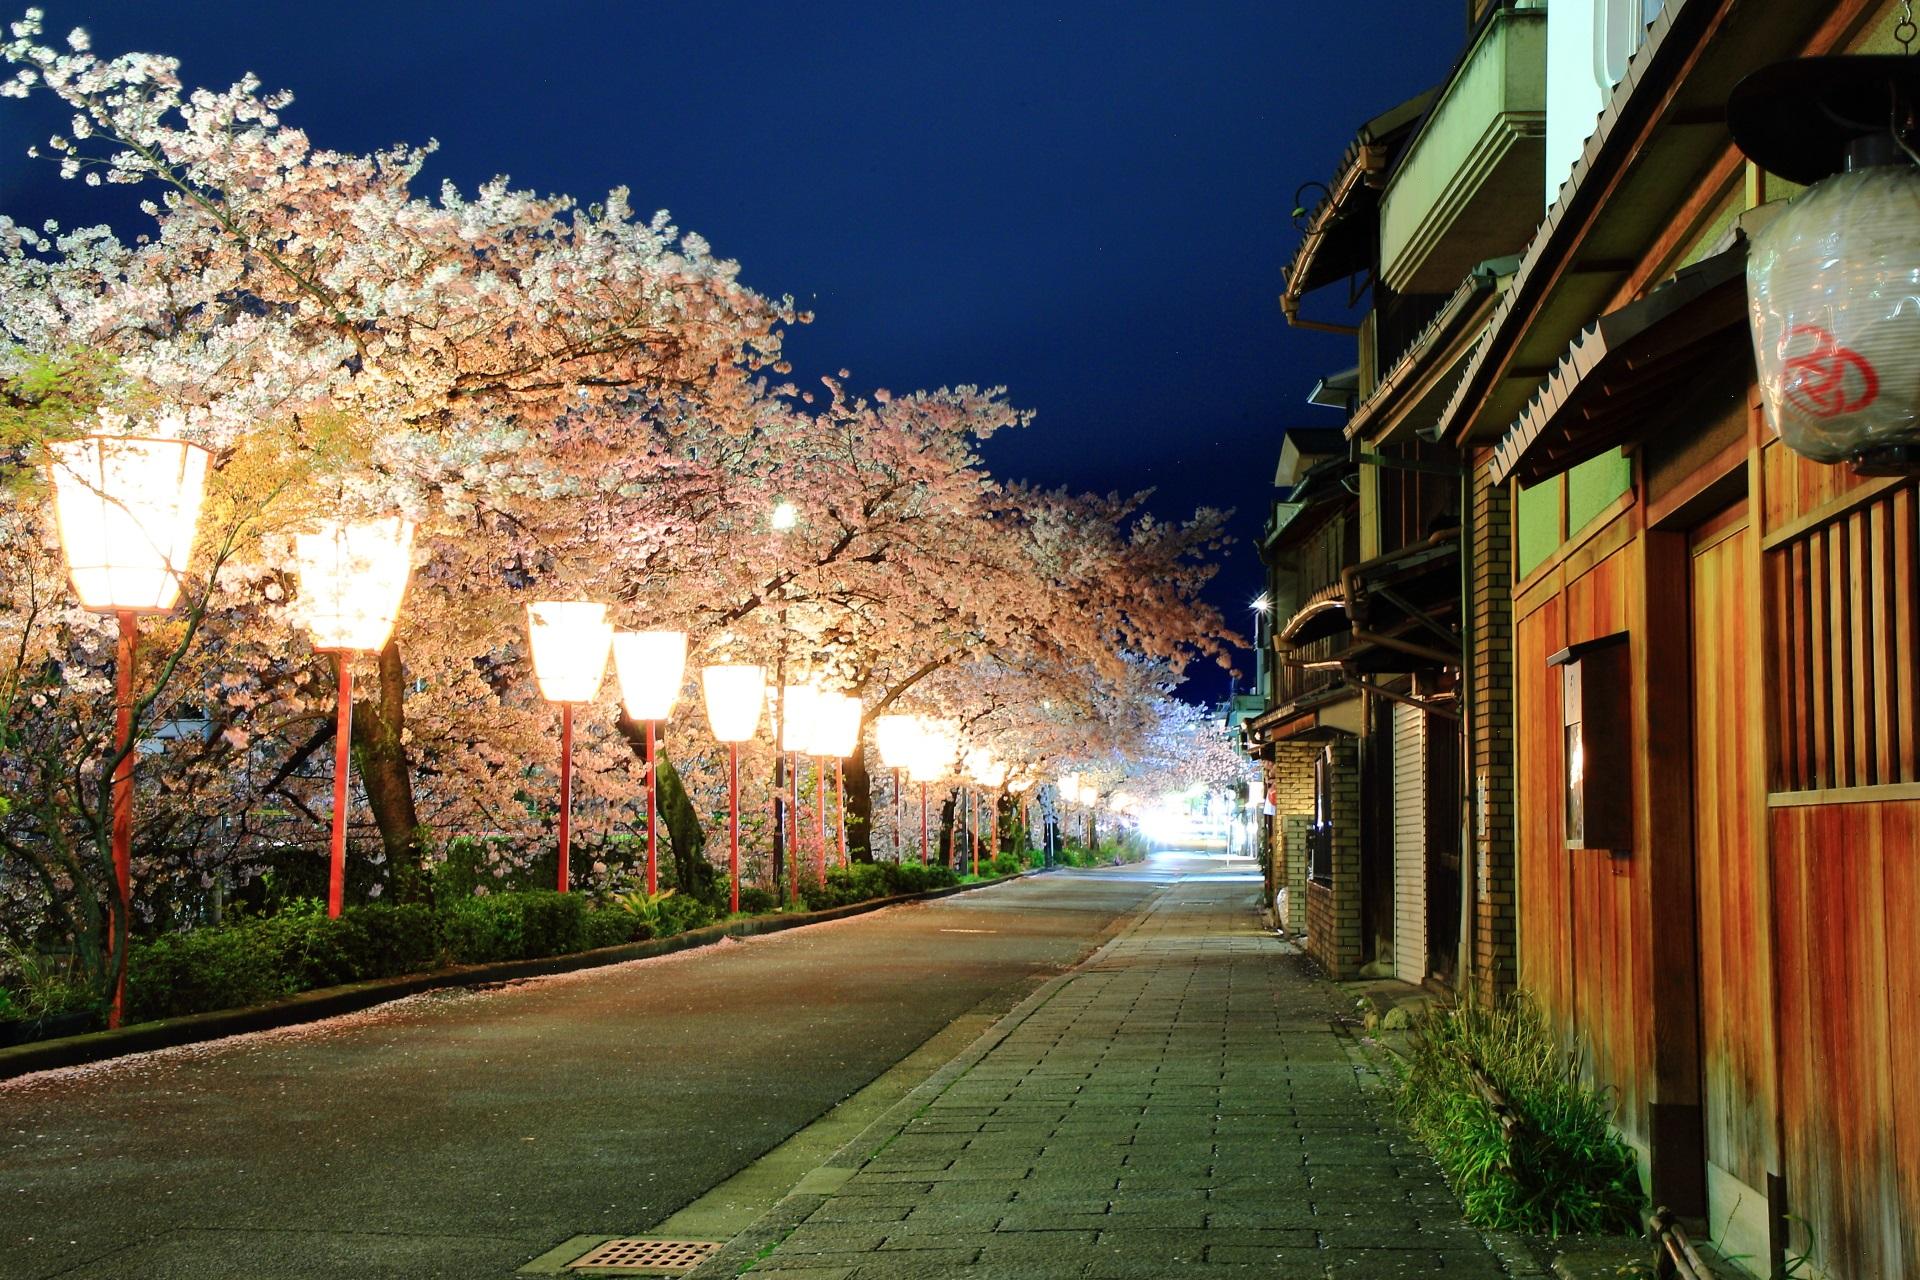 宮川町 夜桜 舞妓さんの街の華やかな桜